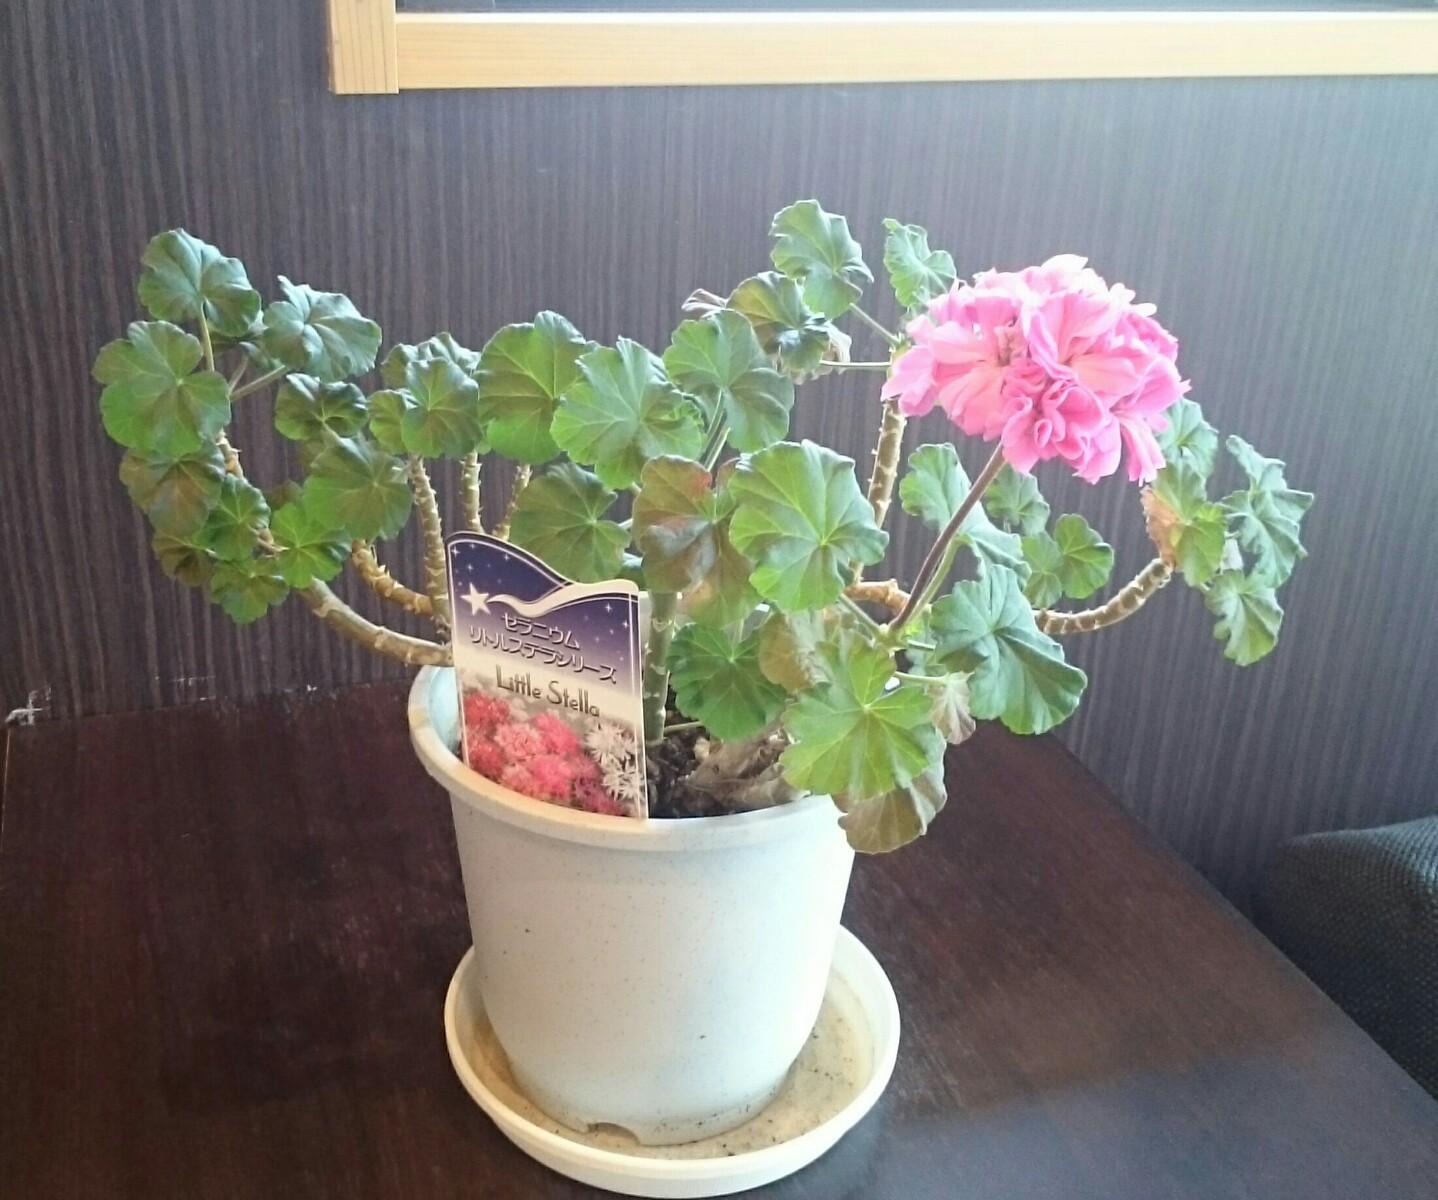 大の葬祭 想いのメモ帳(みえ)2018/5/3